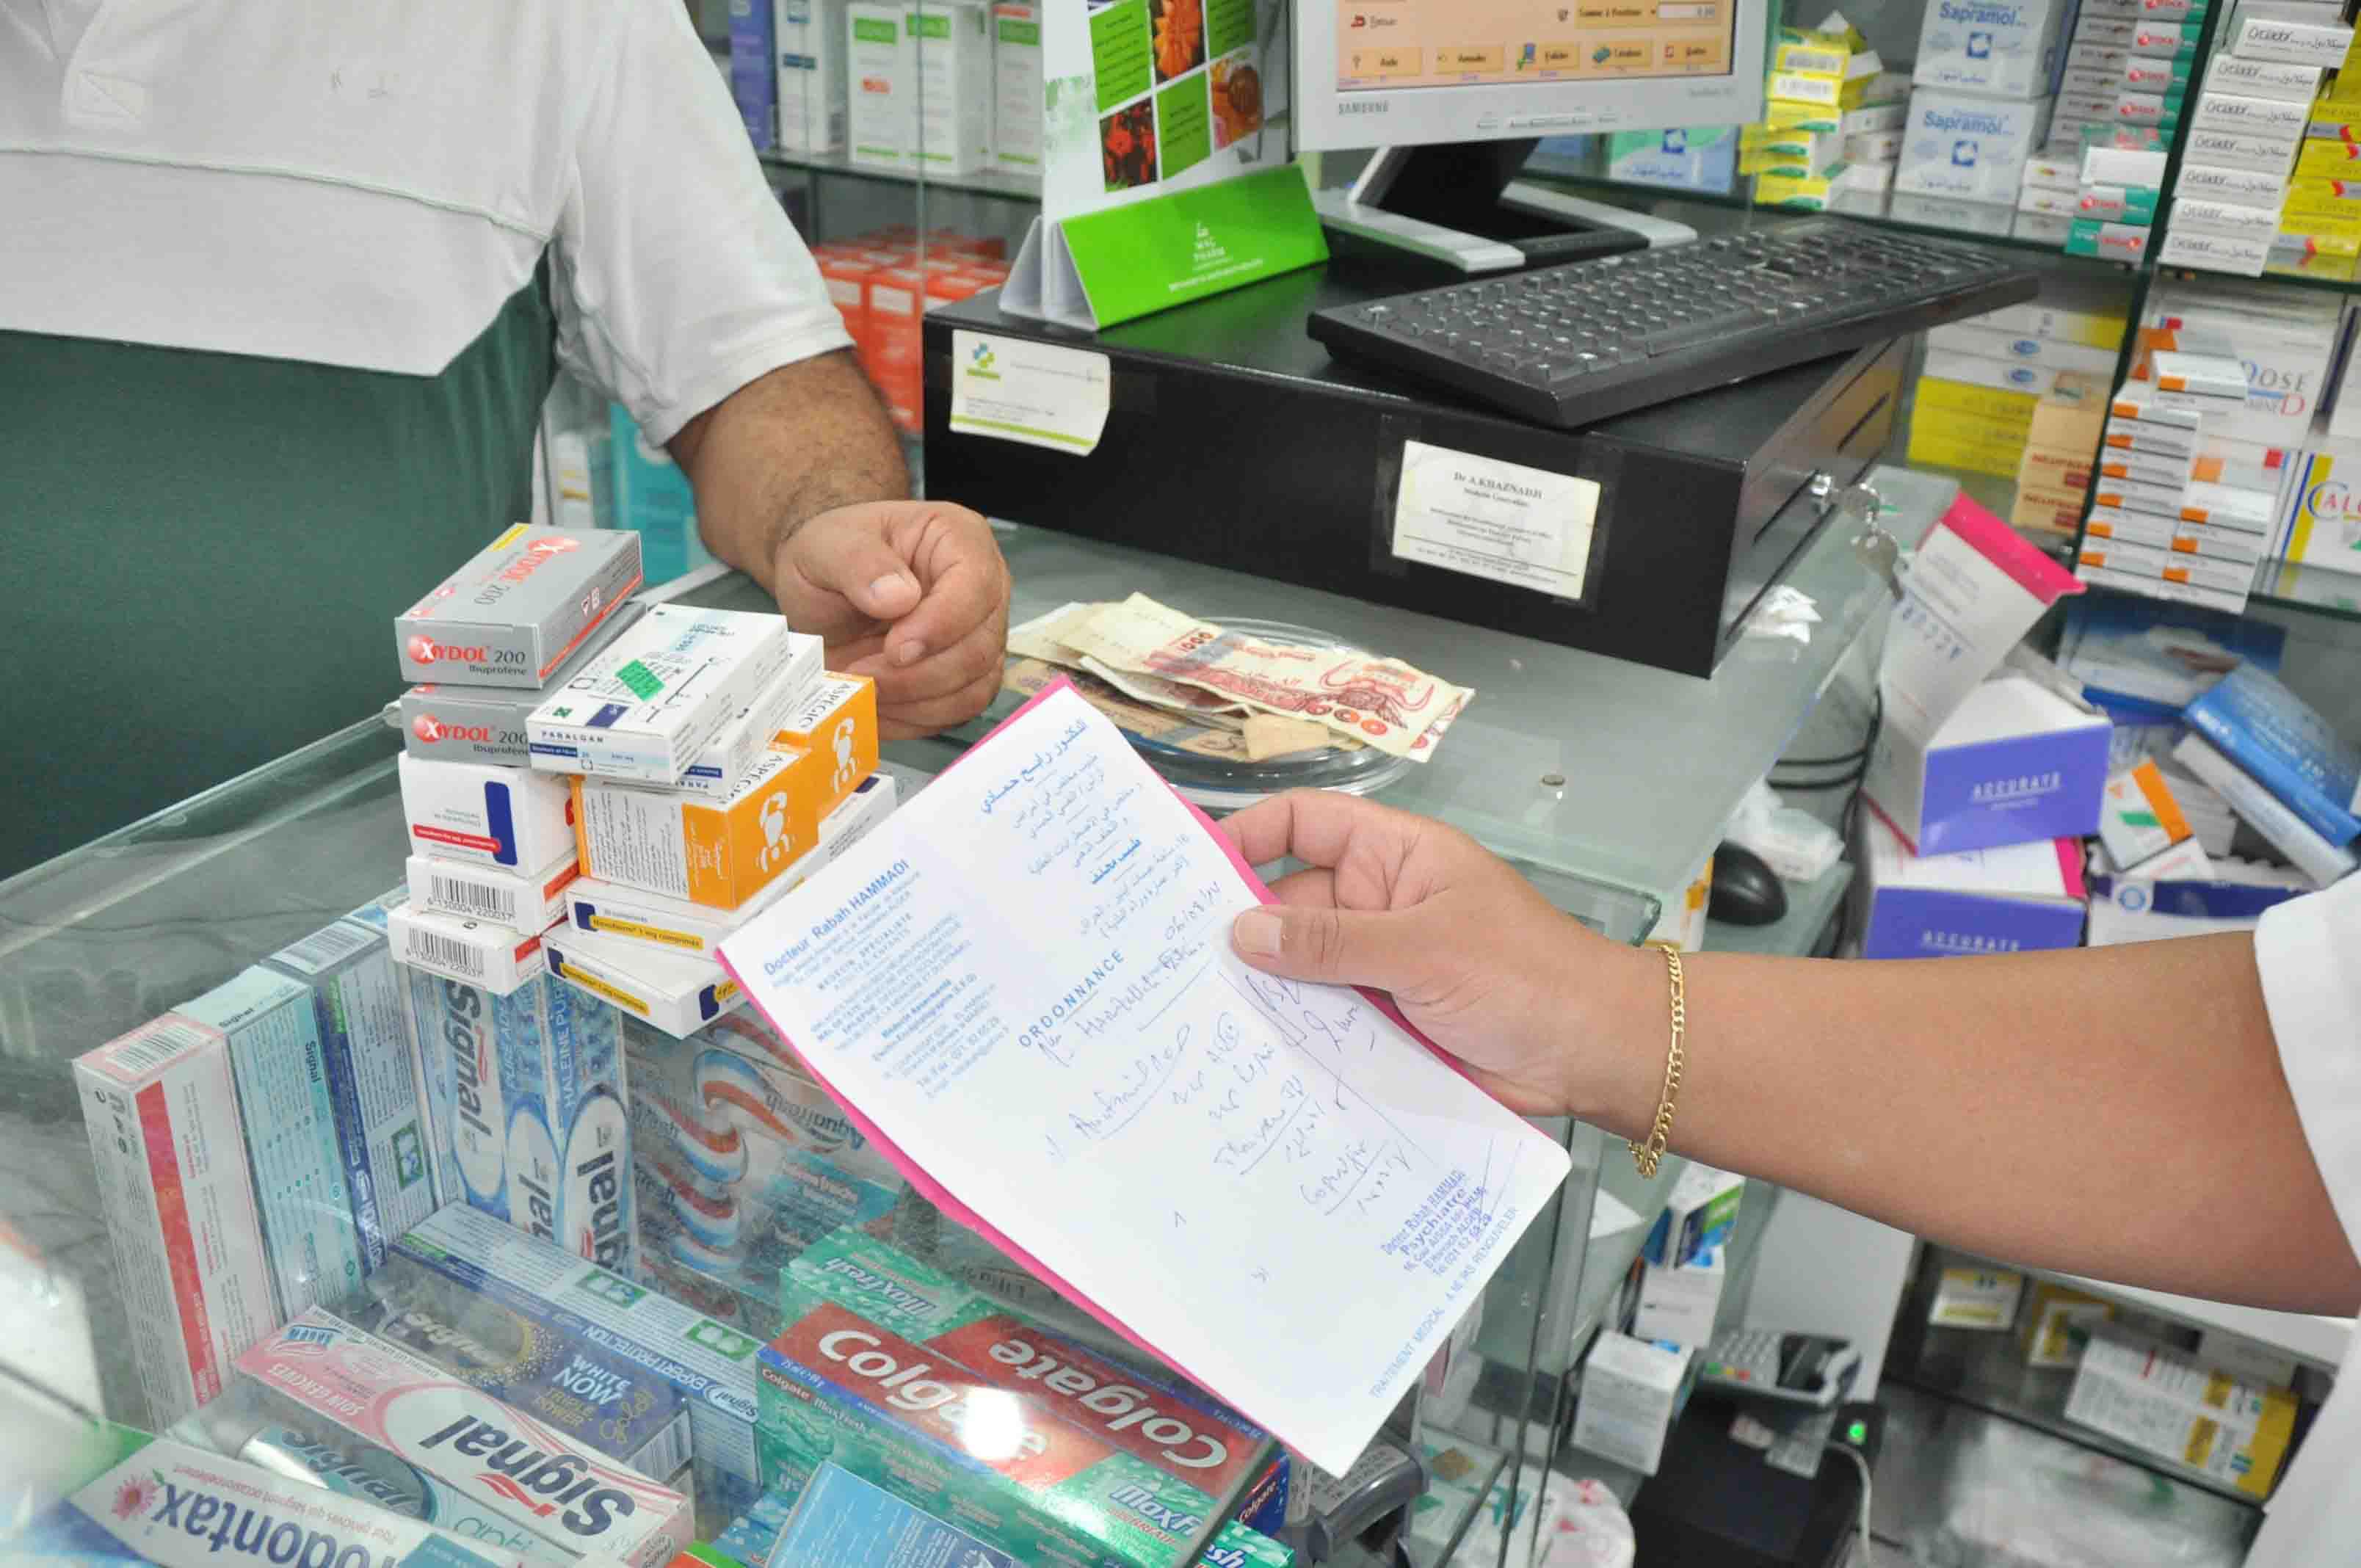 صورة وزير الصحة يتوعد باتخاذ إجراءات ضد المتسببين في ندرة الأدوية